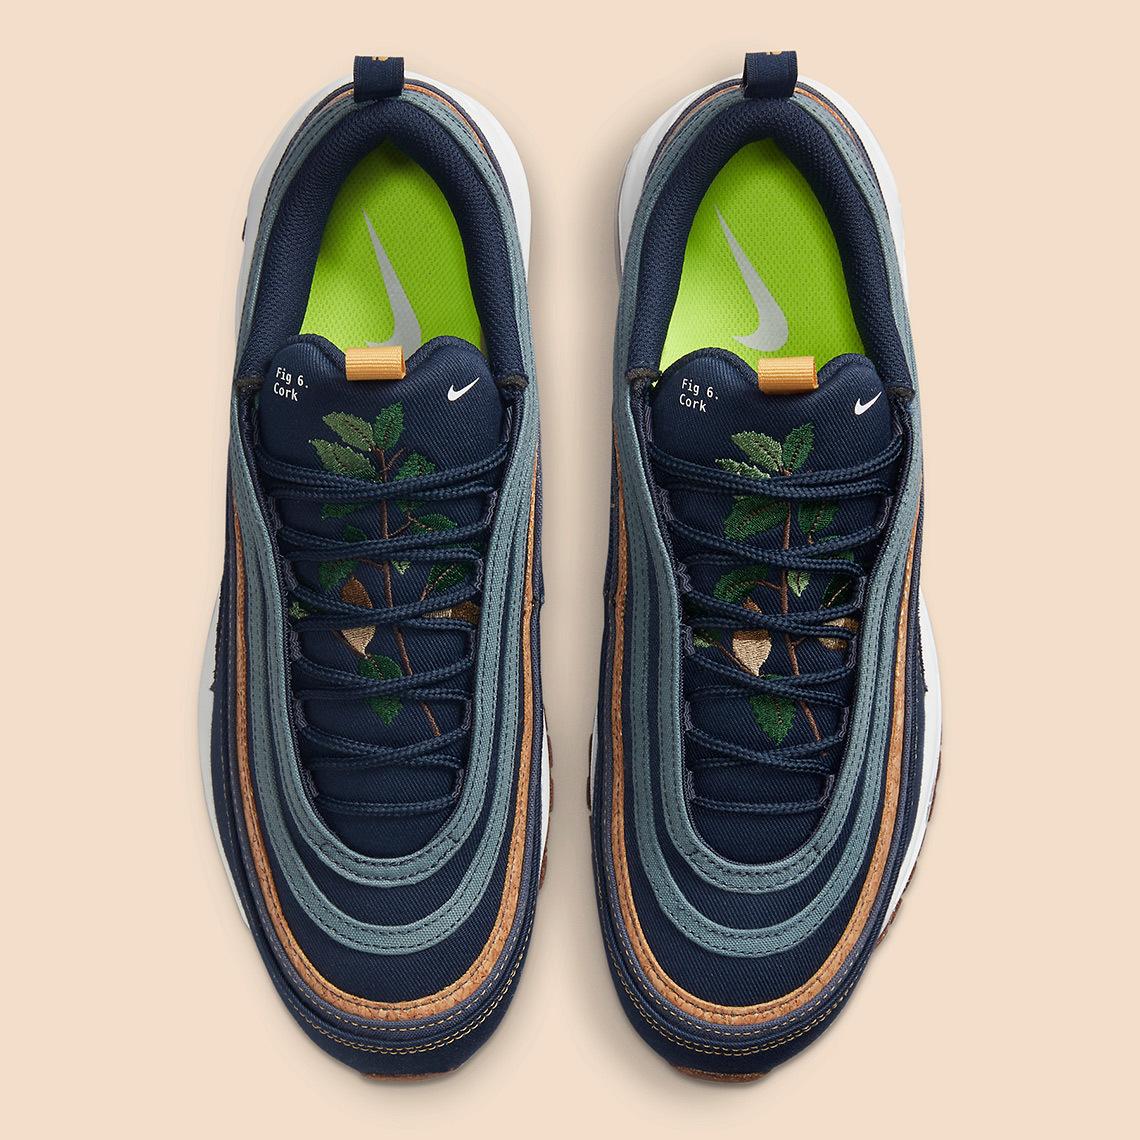 Nike Air Max 97 ''Cork'' - DC3986-300